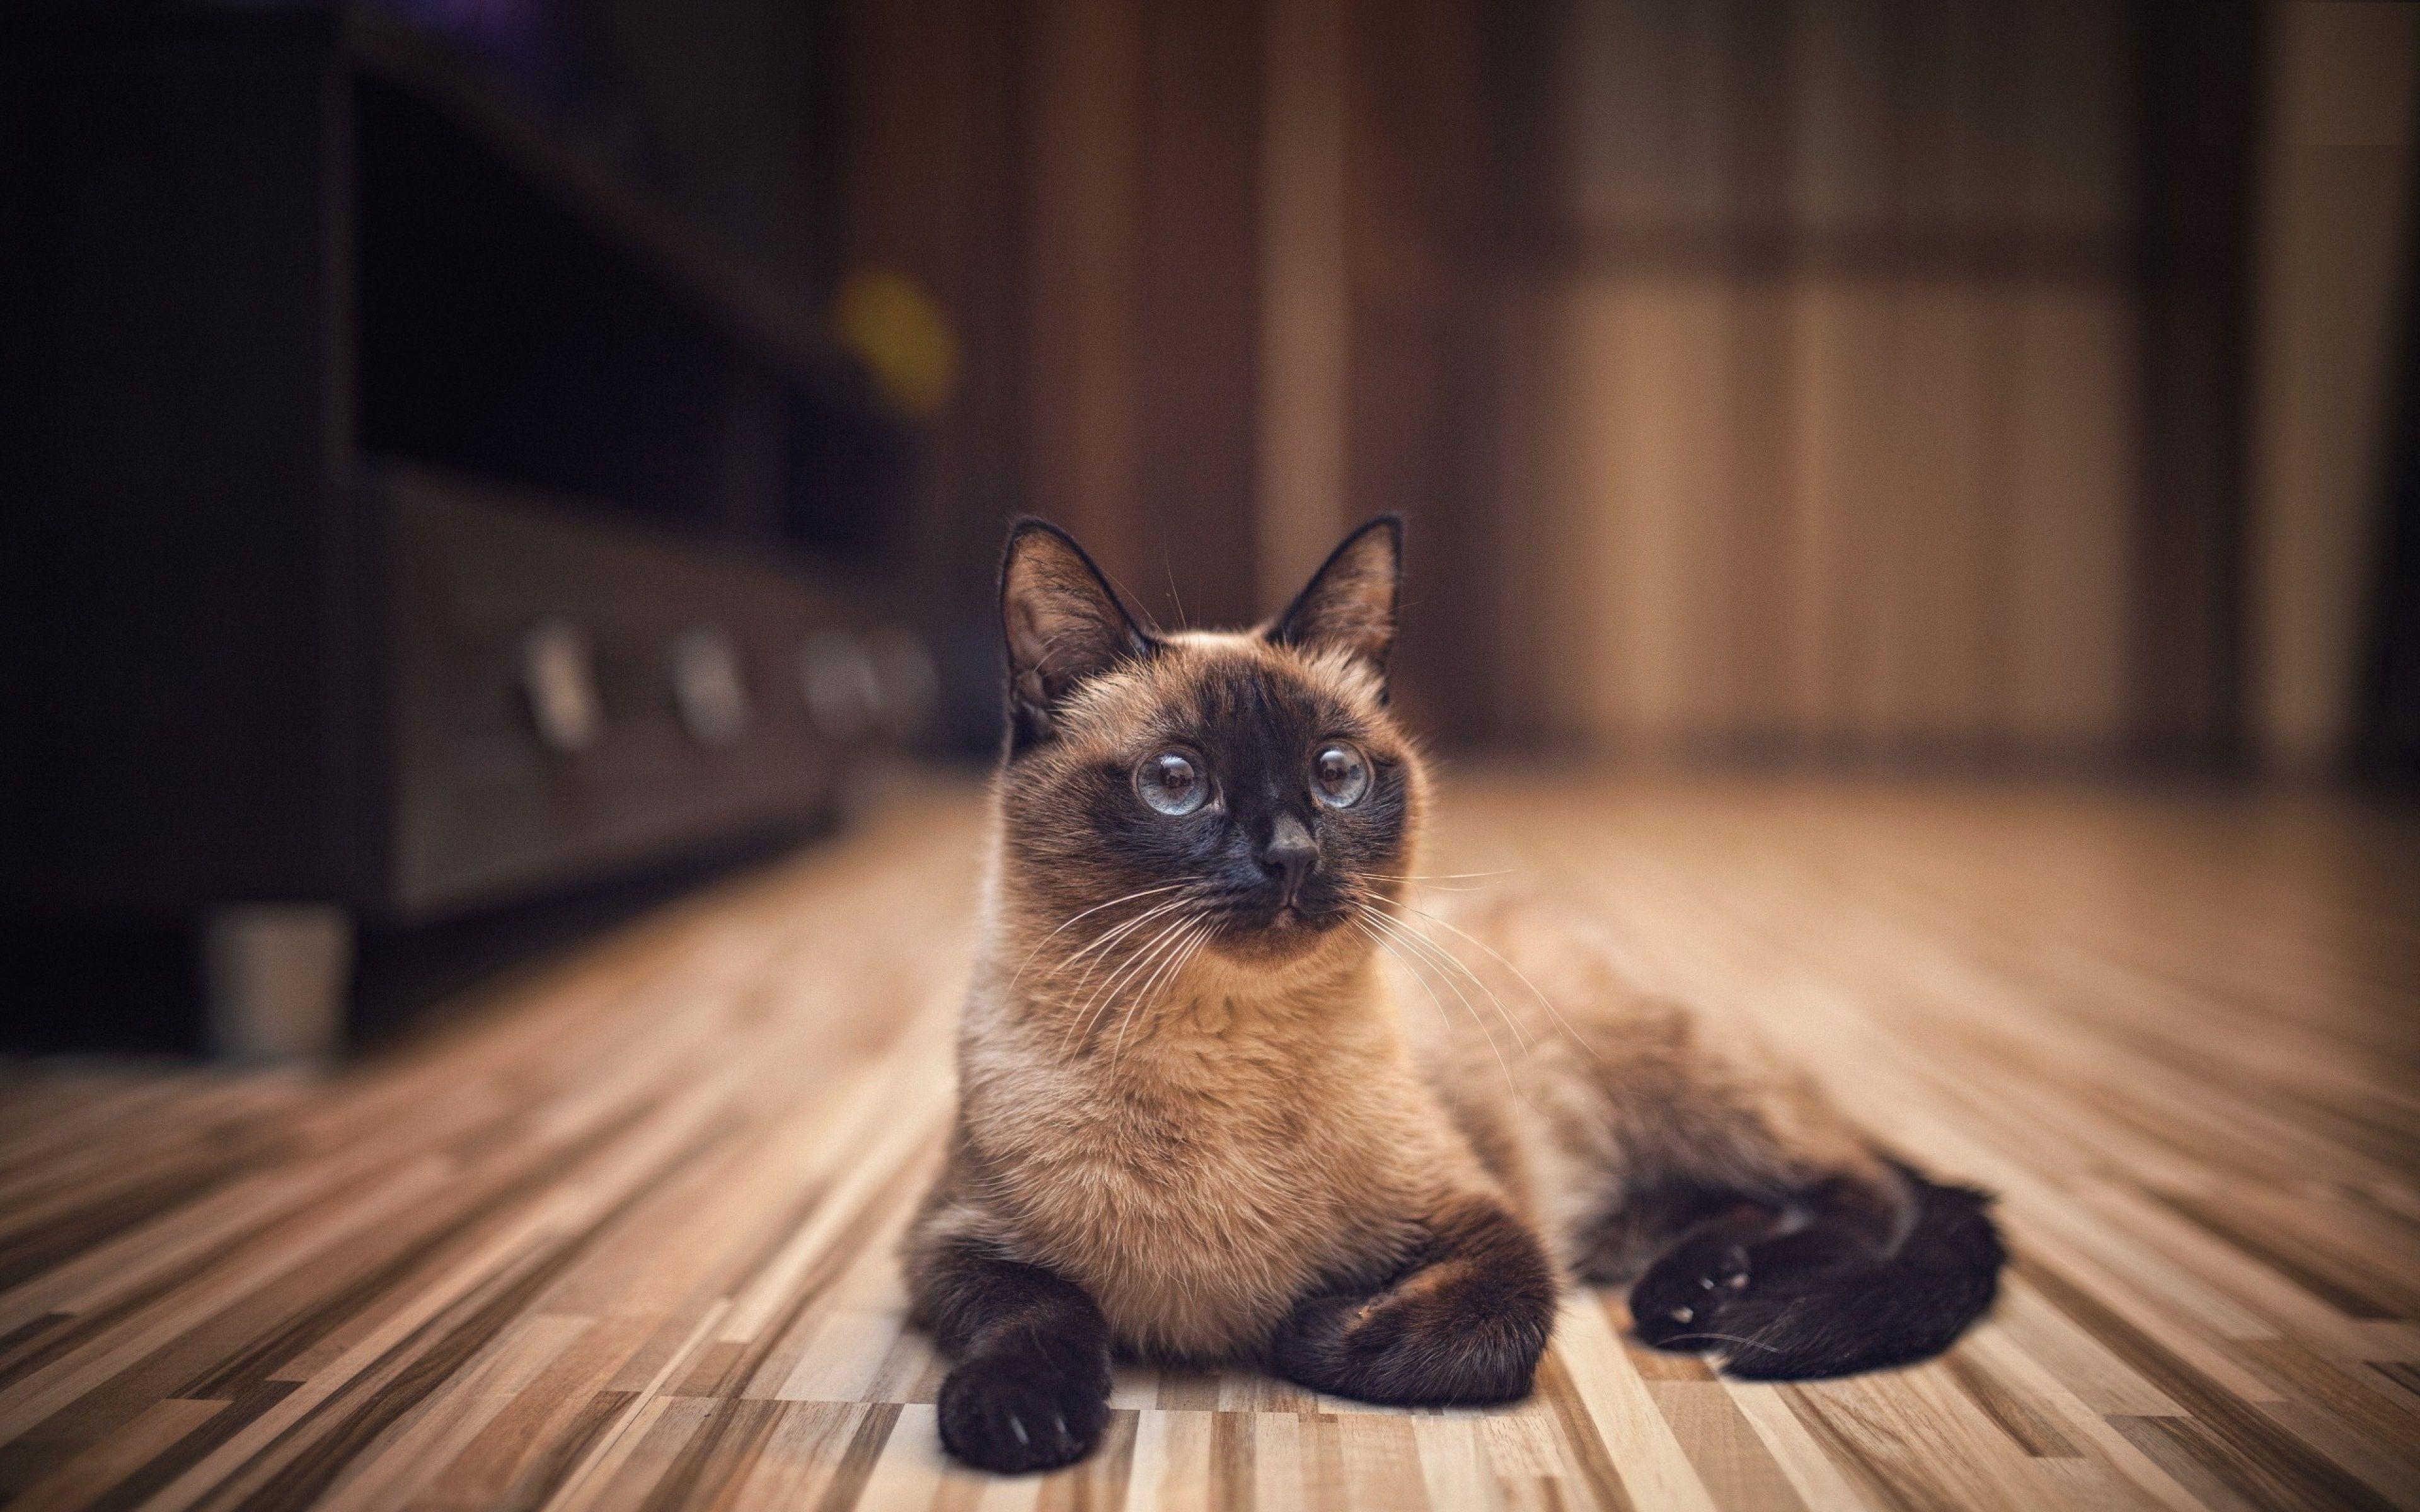 القط السيامي الصورة Animals Cats